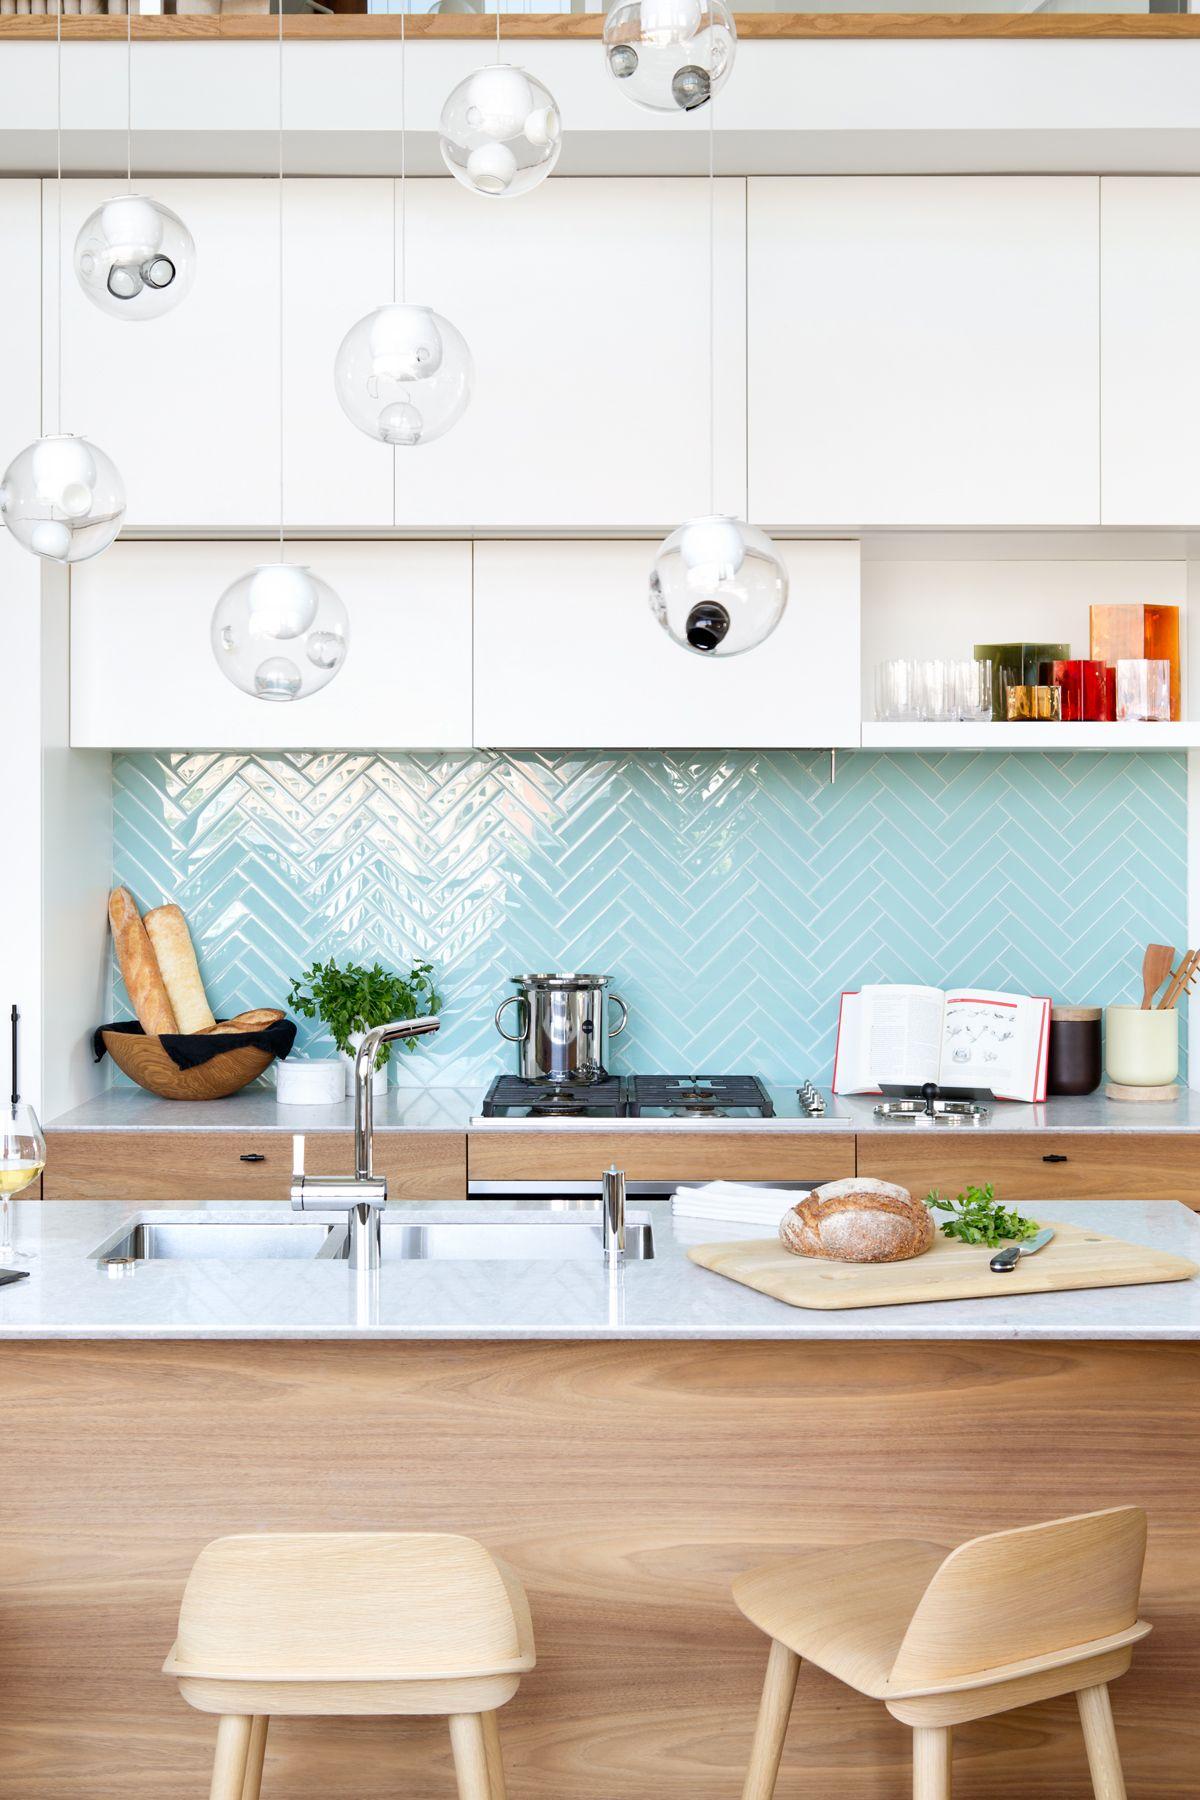 Azulejo metro de colores la versatilidad del azulejo - Azulejo metro cocina ...